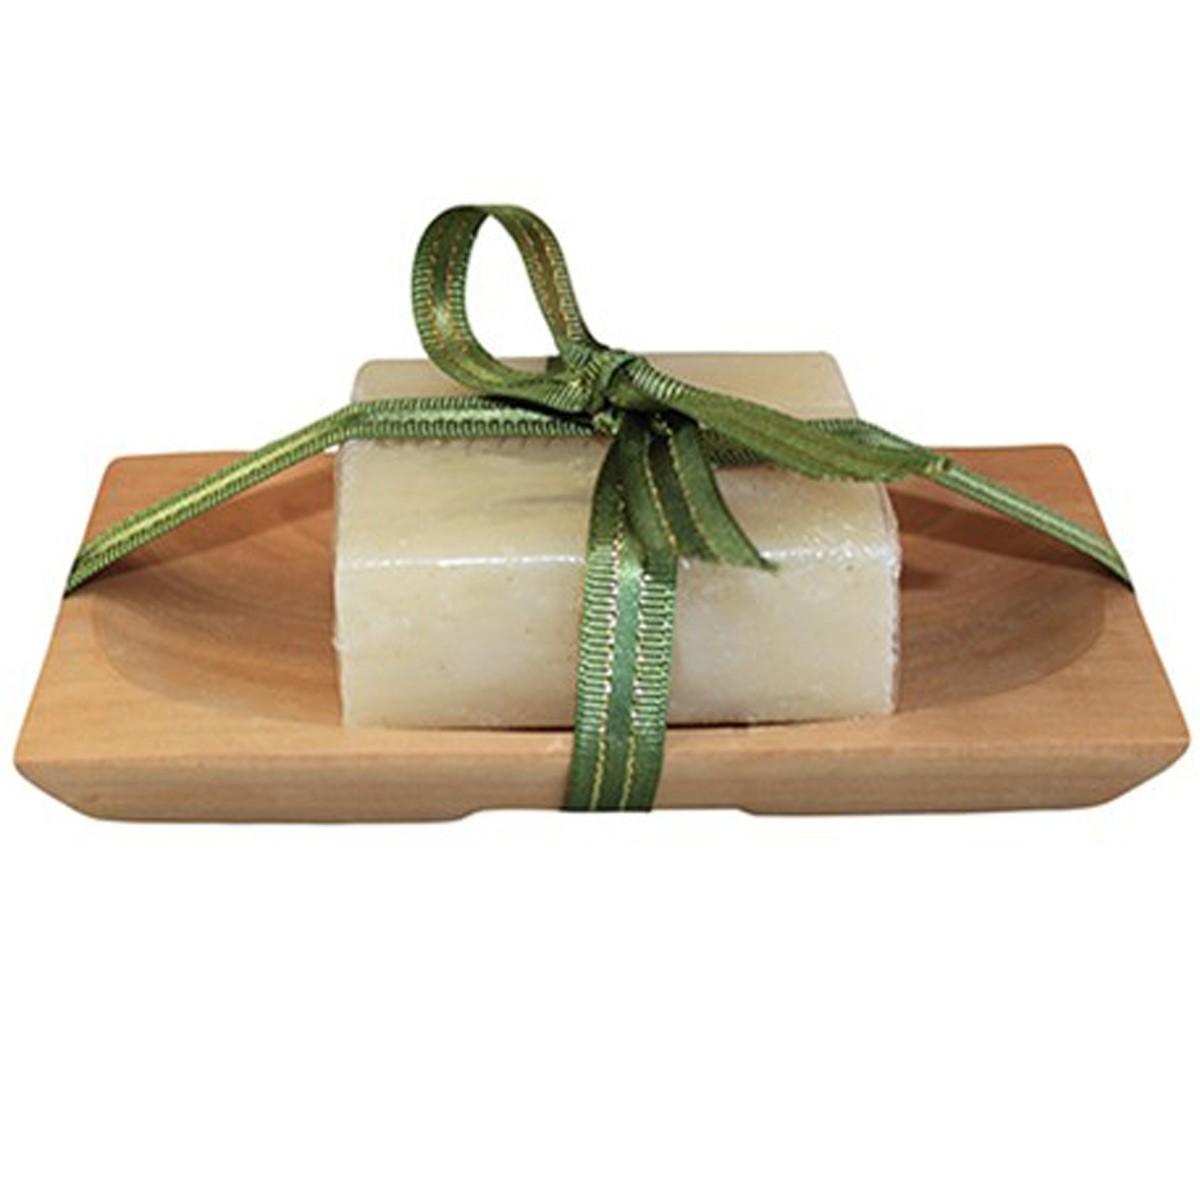 Handmade Honey Soap & Sandstone Dish Set